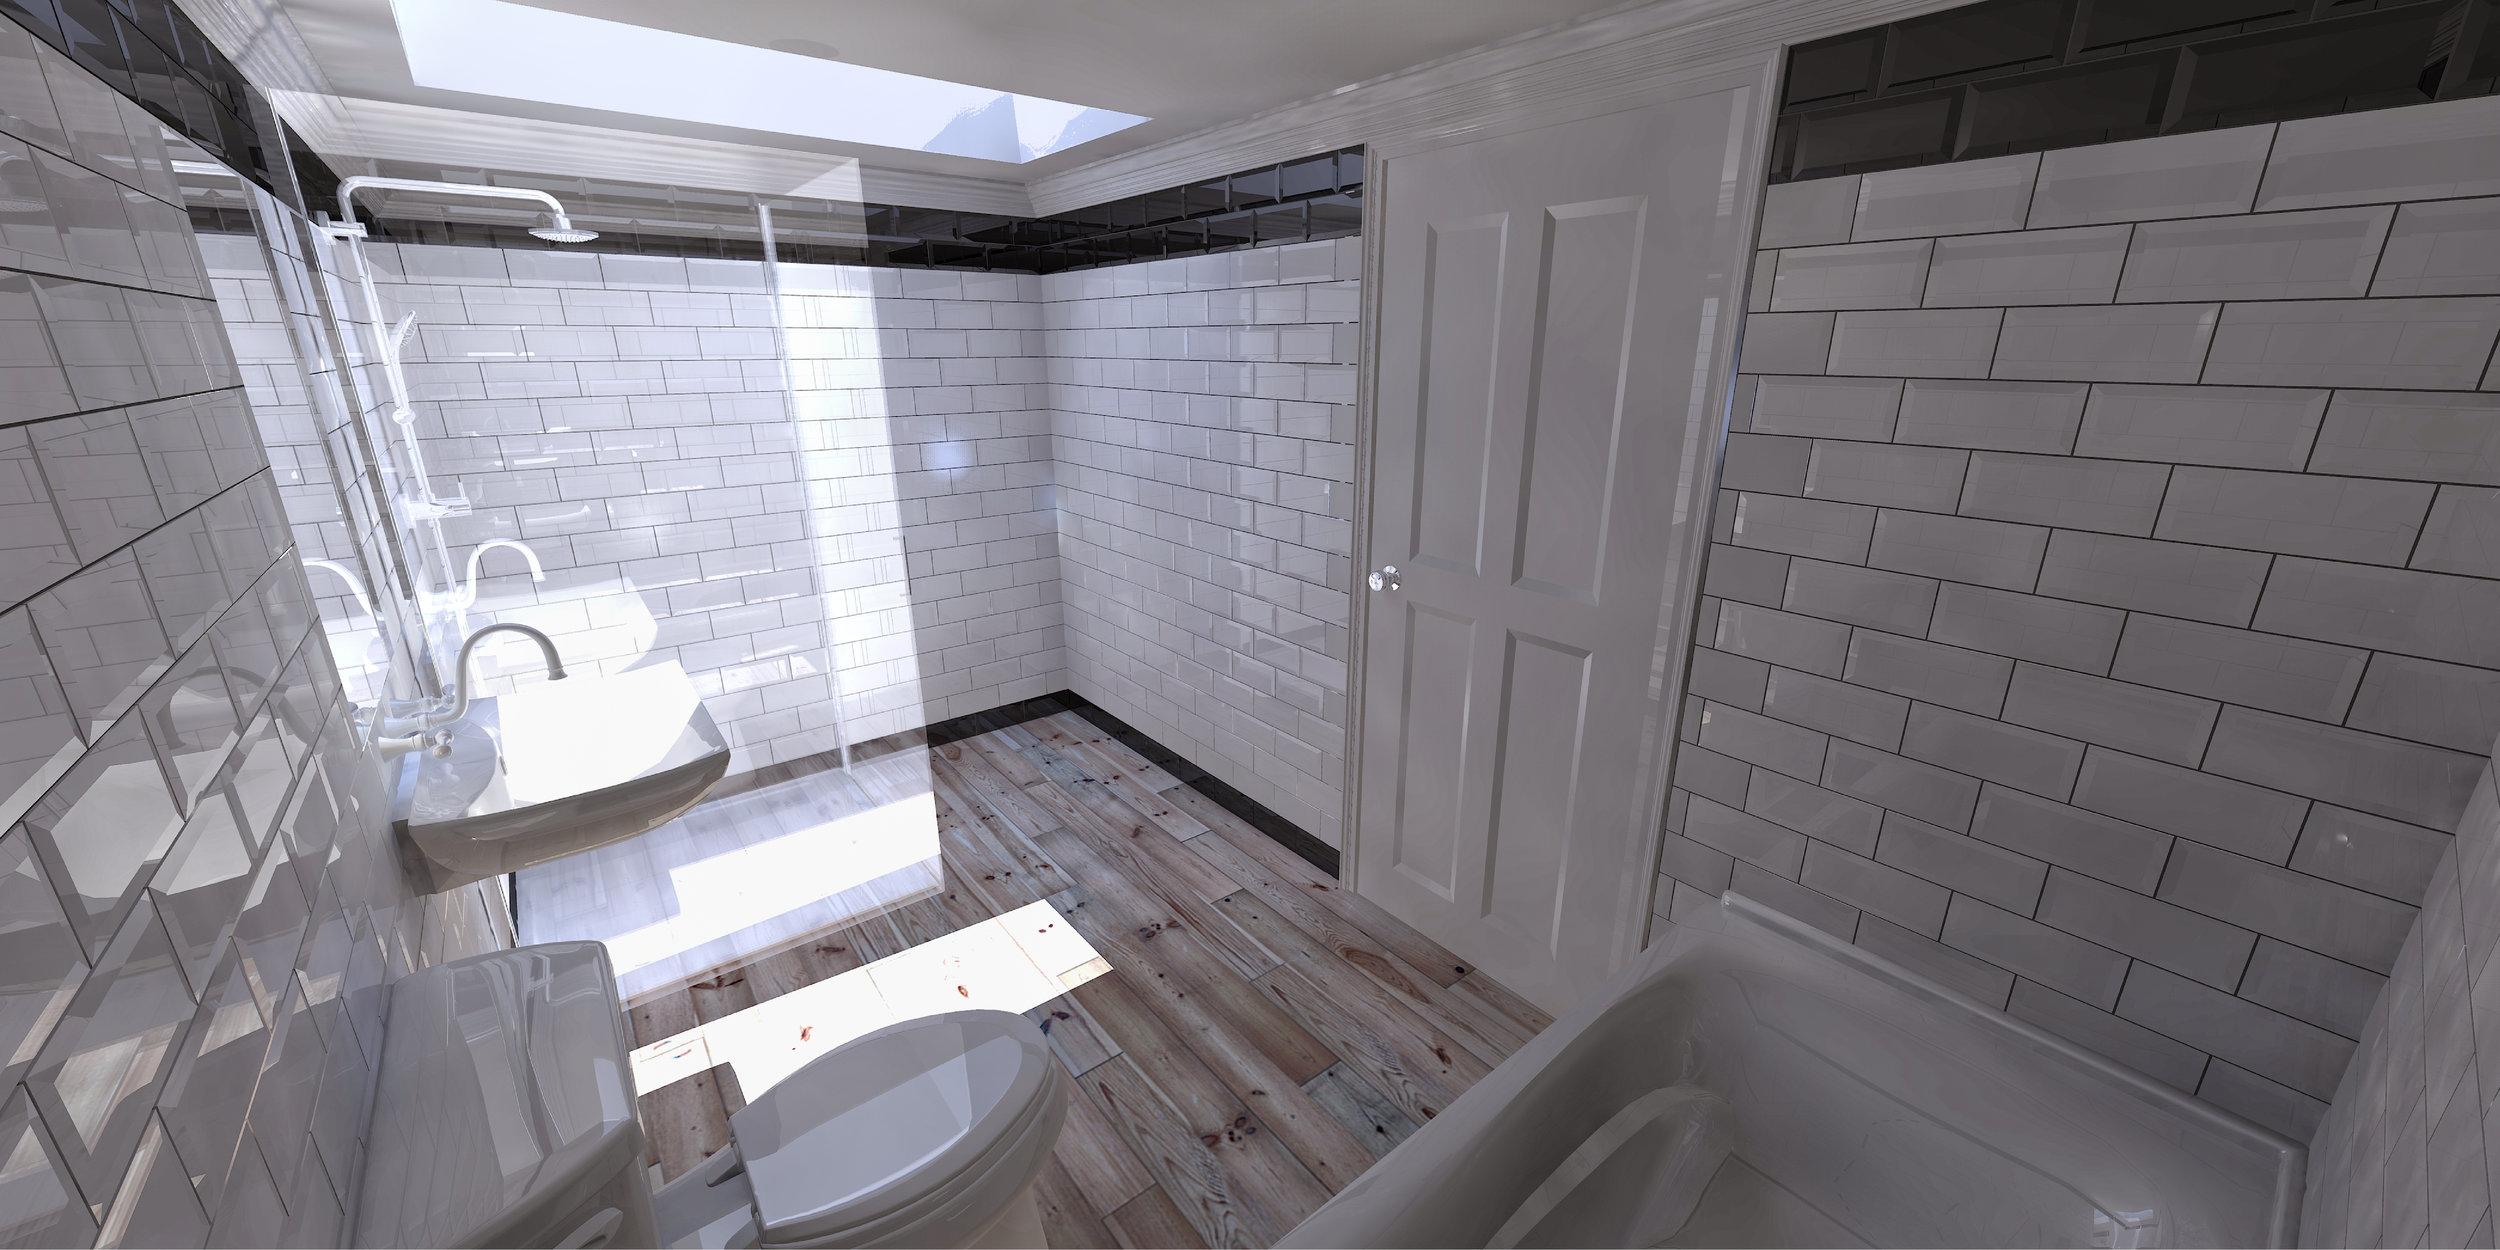 Proposed Central Bathroom